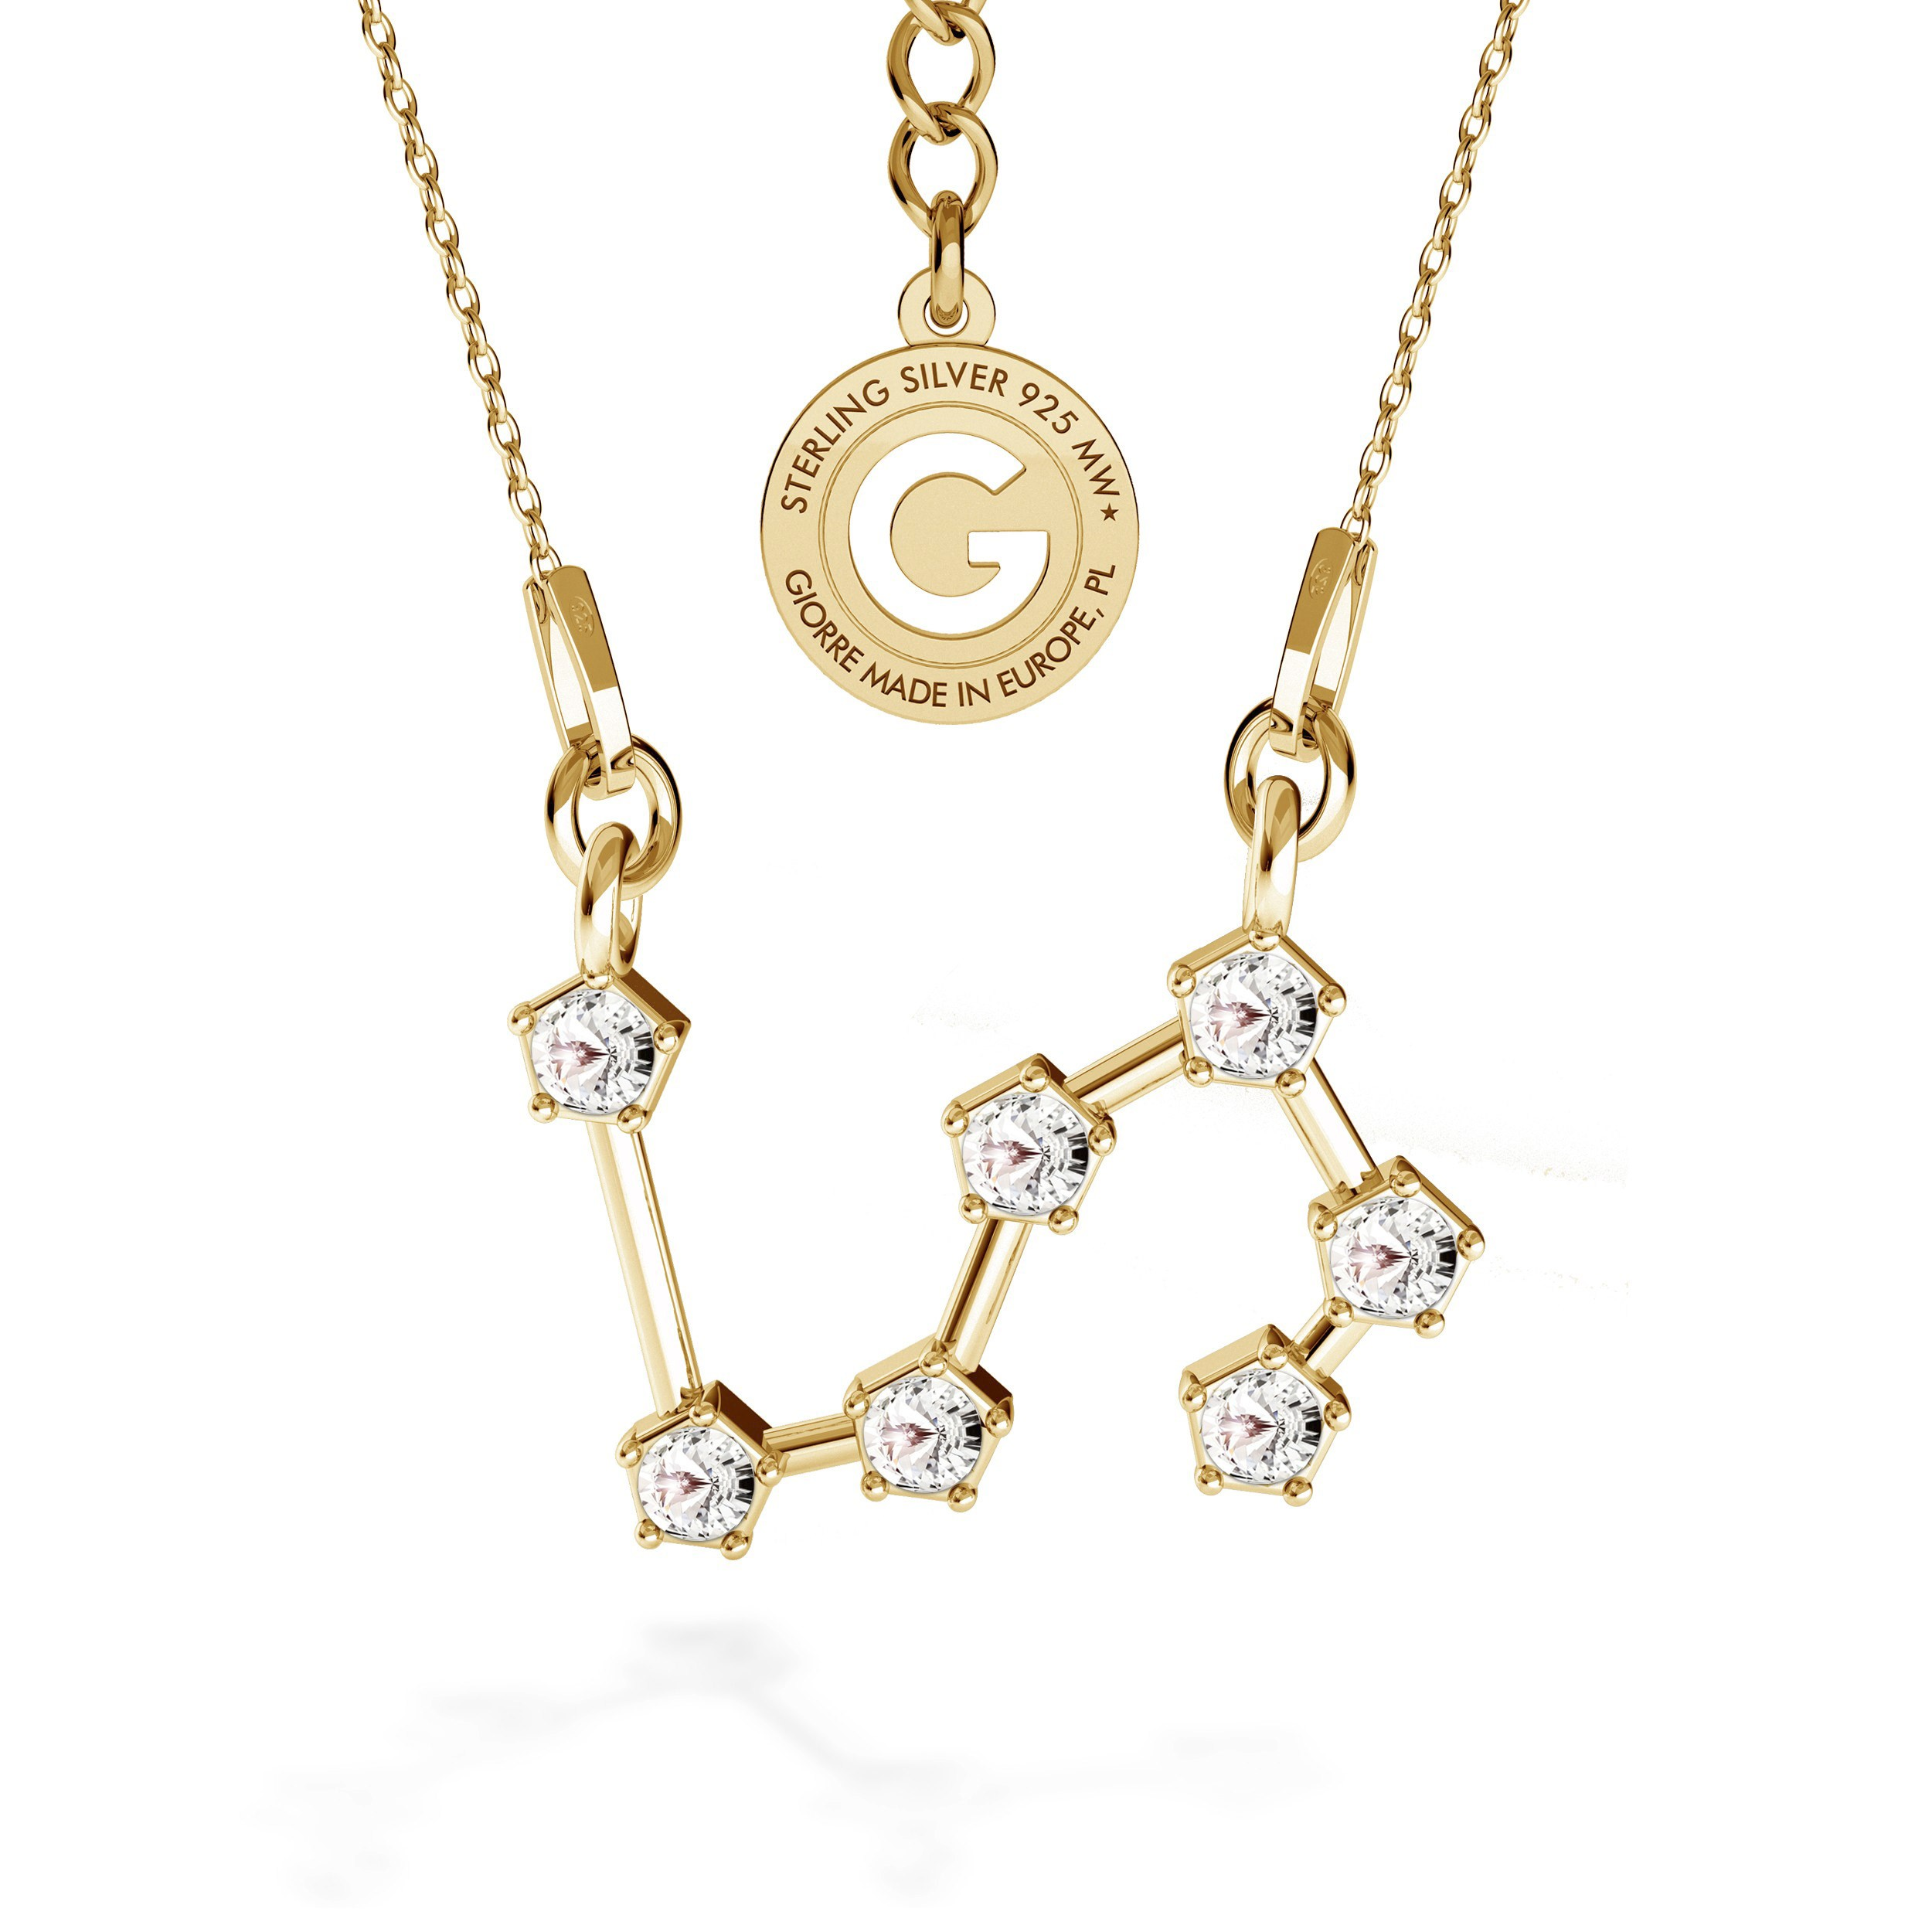 LEON signo del zodiaco collar plata 925 Swarovski